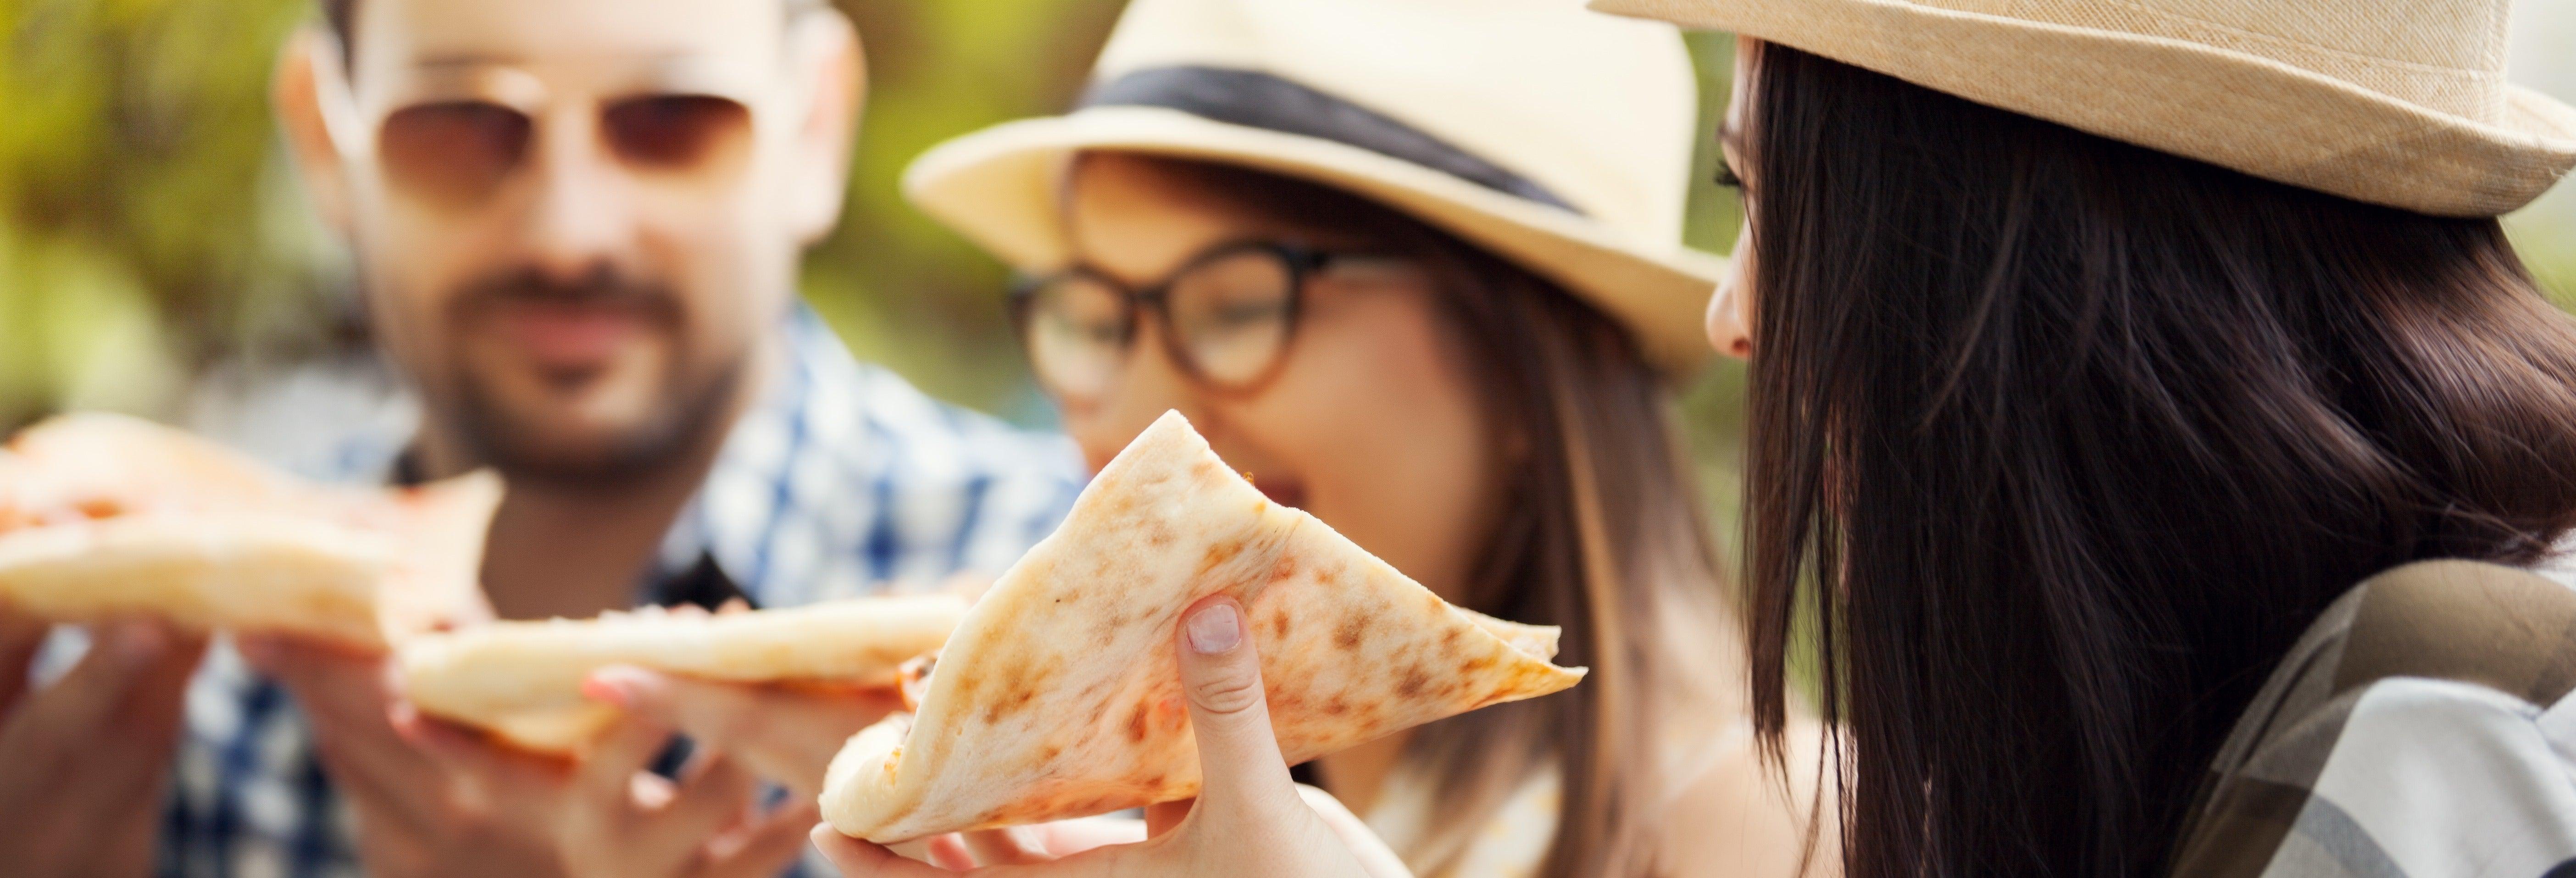 Crucero con pizza y barra libre